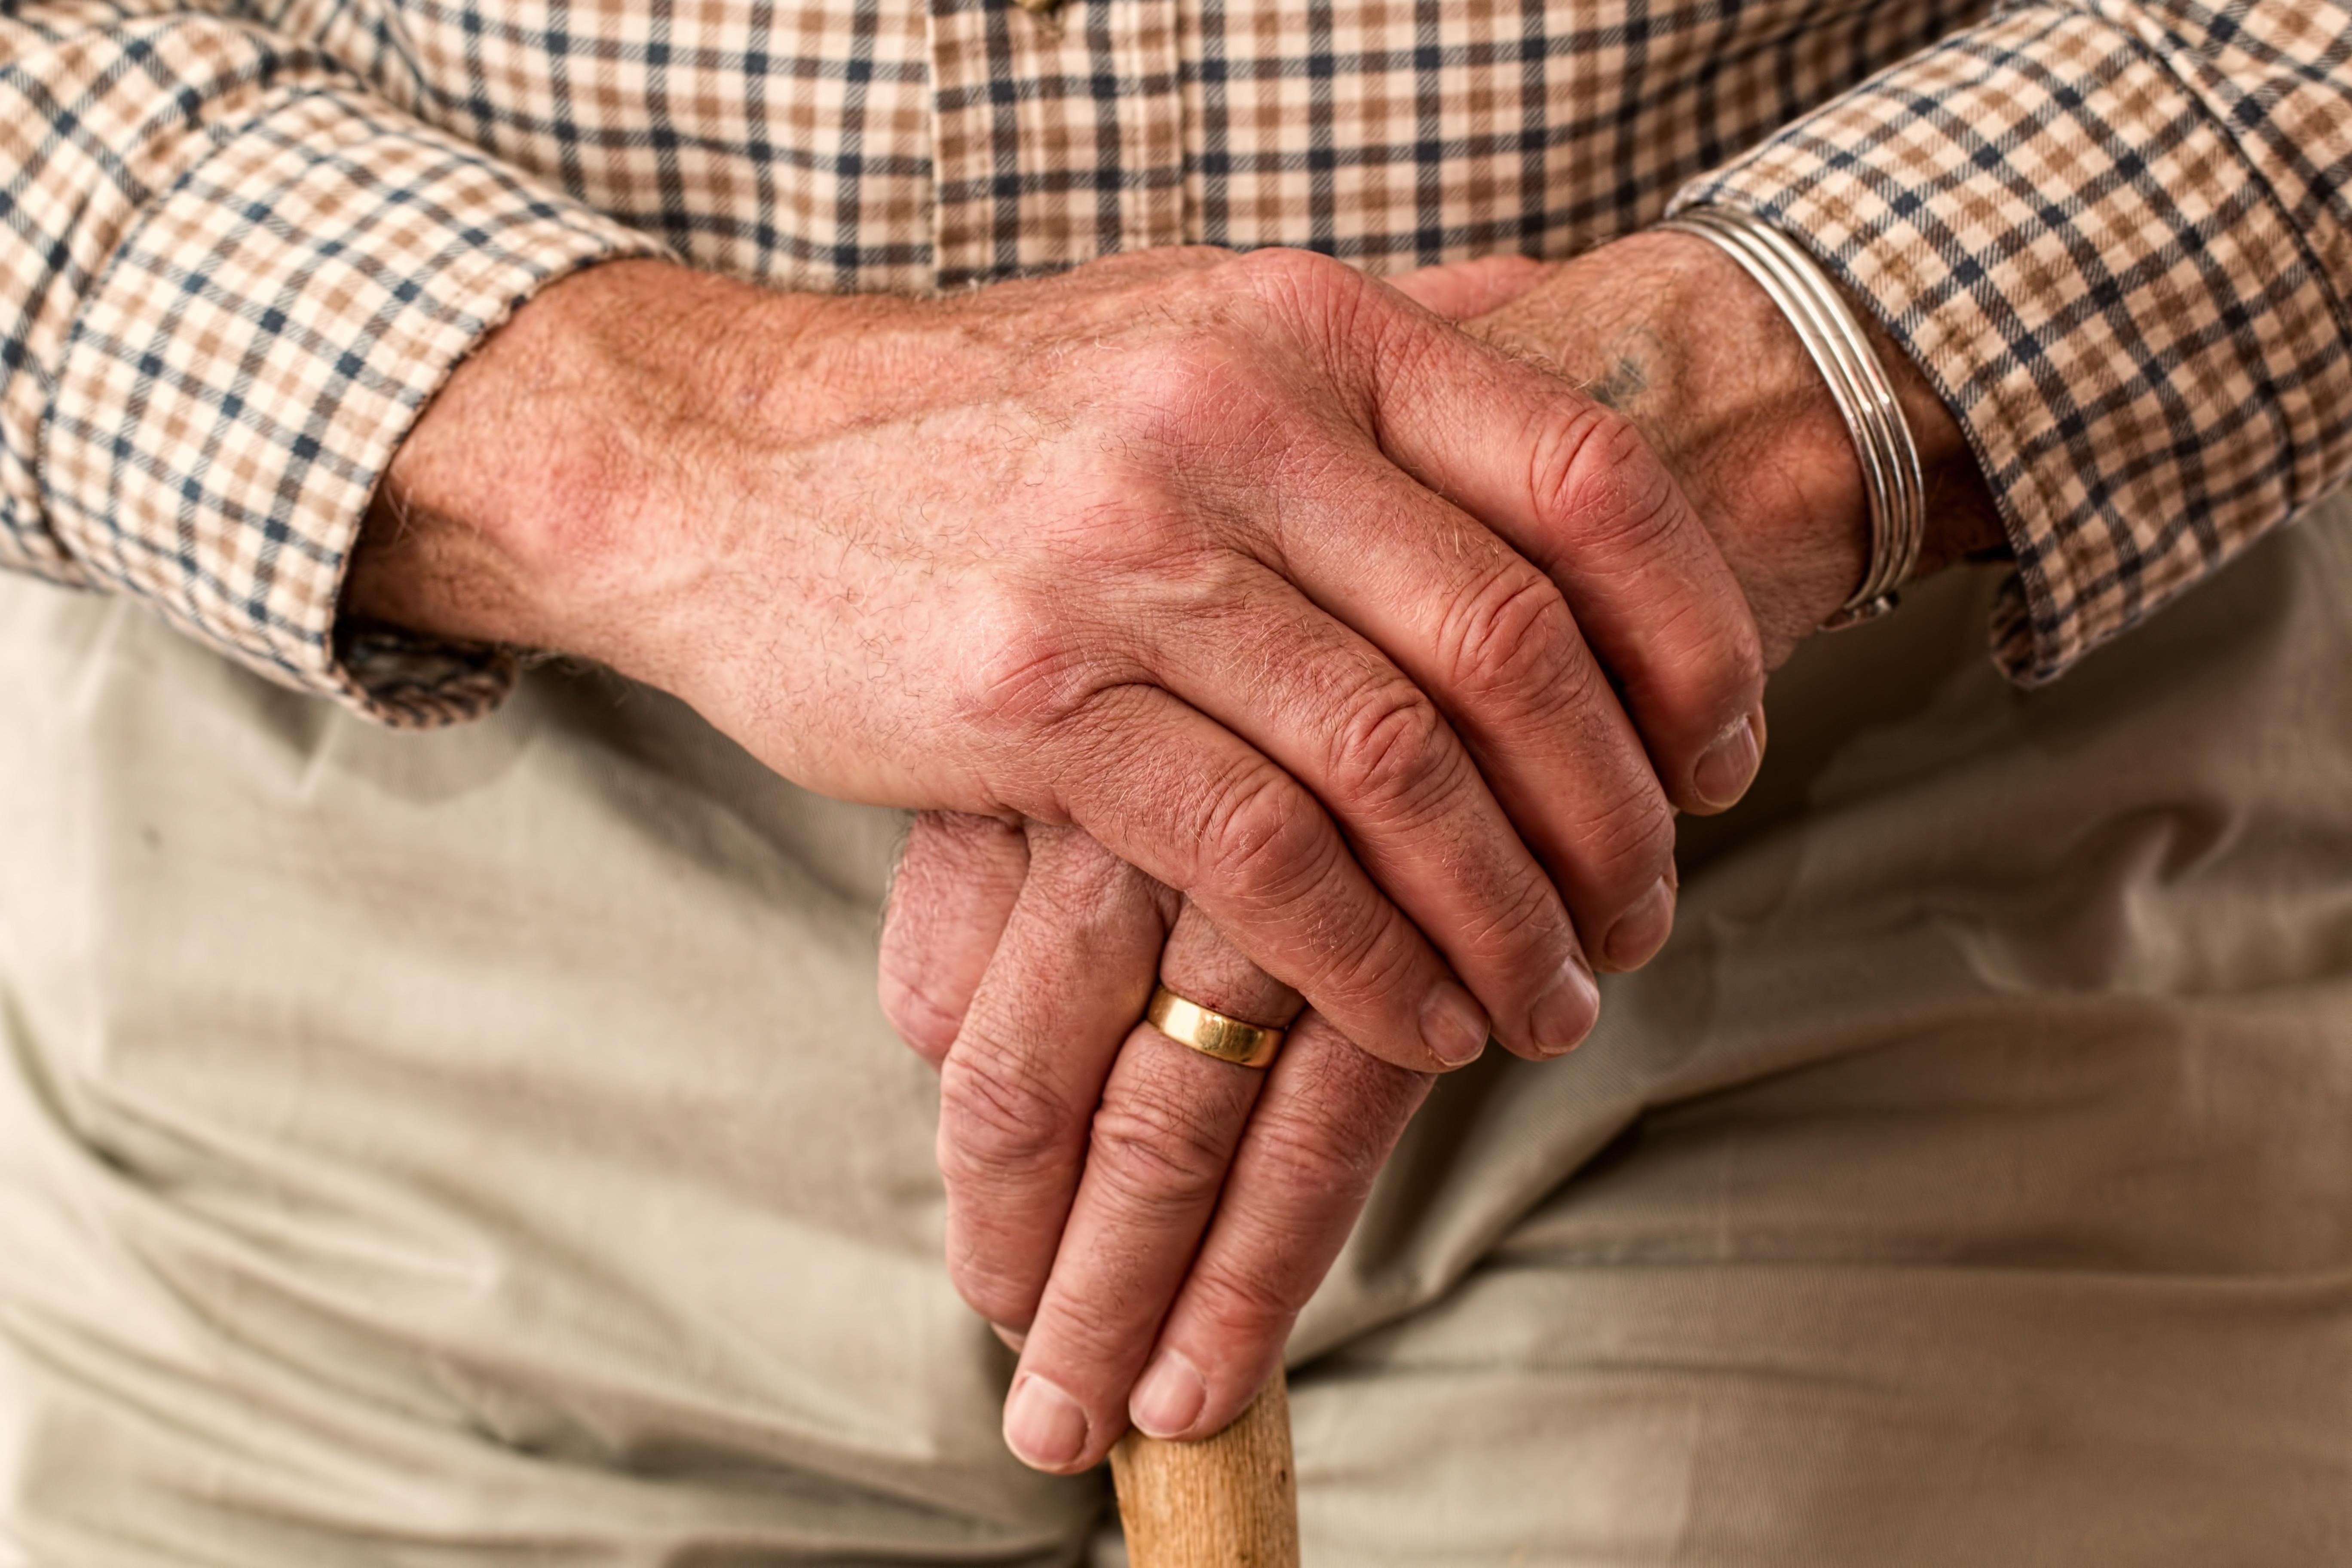 La enfermería reivindica el componente humano al final de la vida